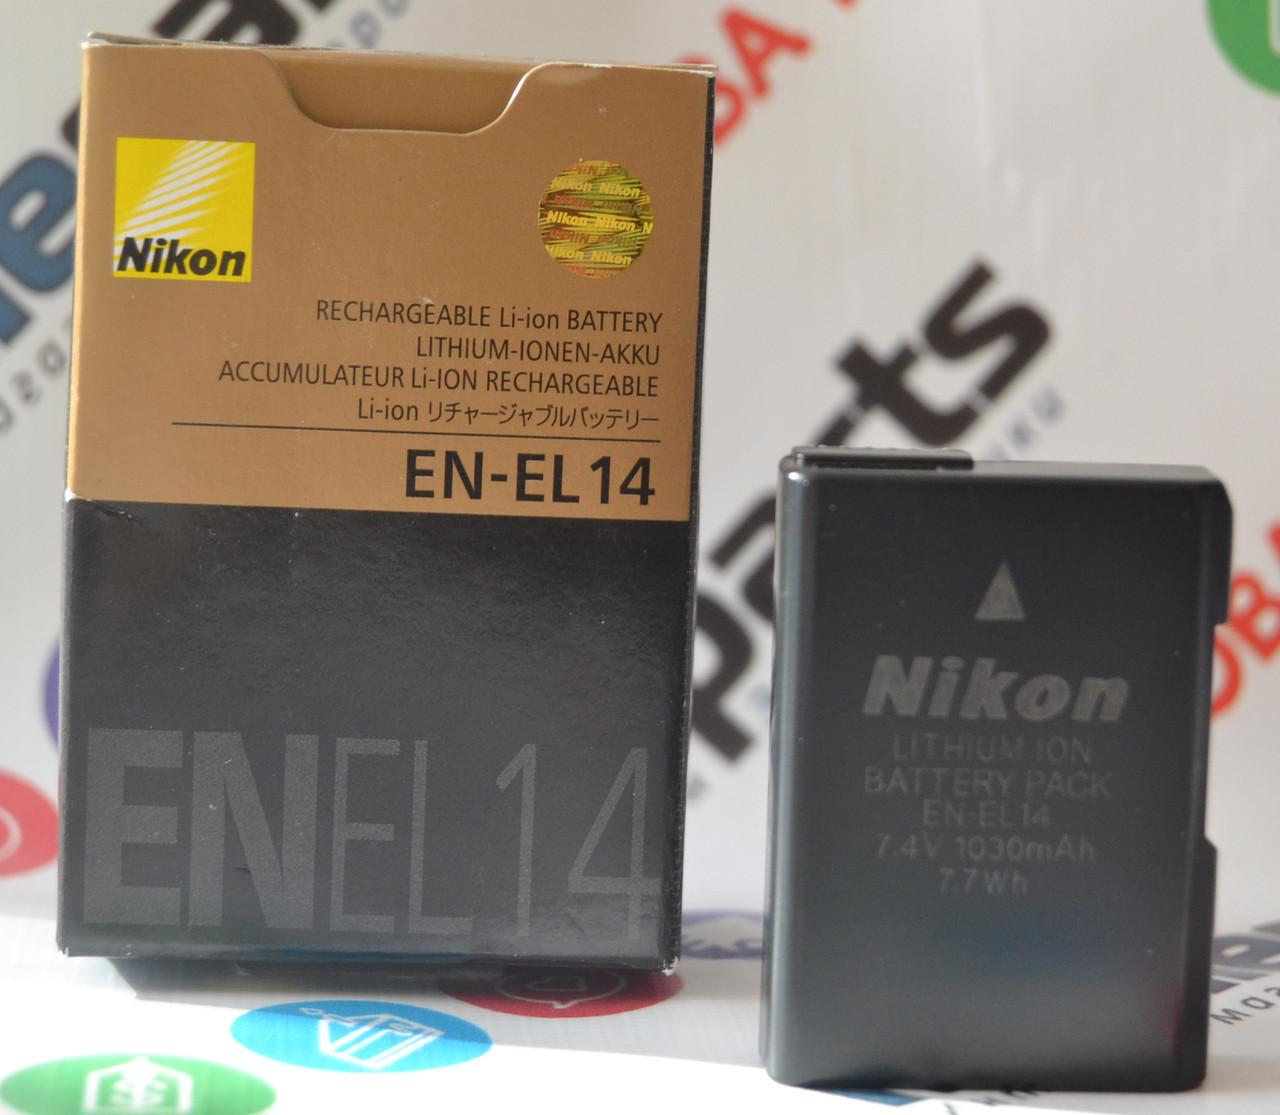 Оригинальный Аккумулятор Nikon EN-EL14 для D3100 D3200 D3300 D5100 D5200 D5300 D5500 P7000 P7100 P7700 P7800